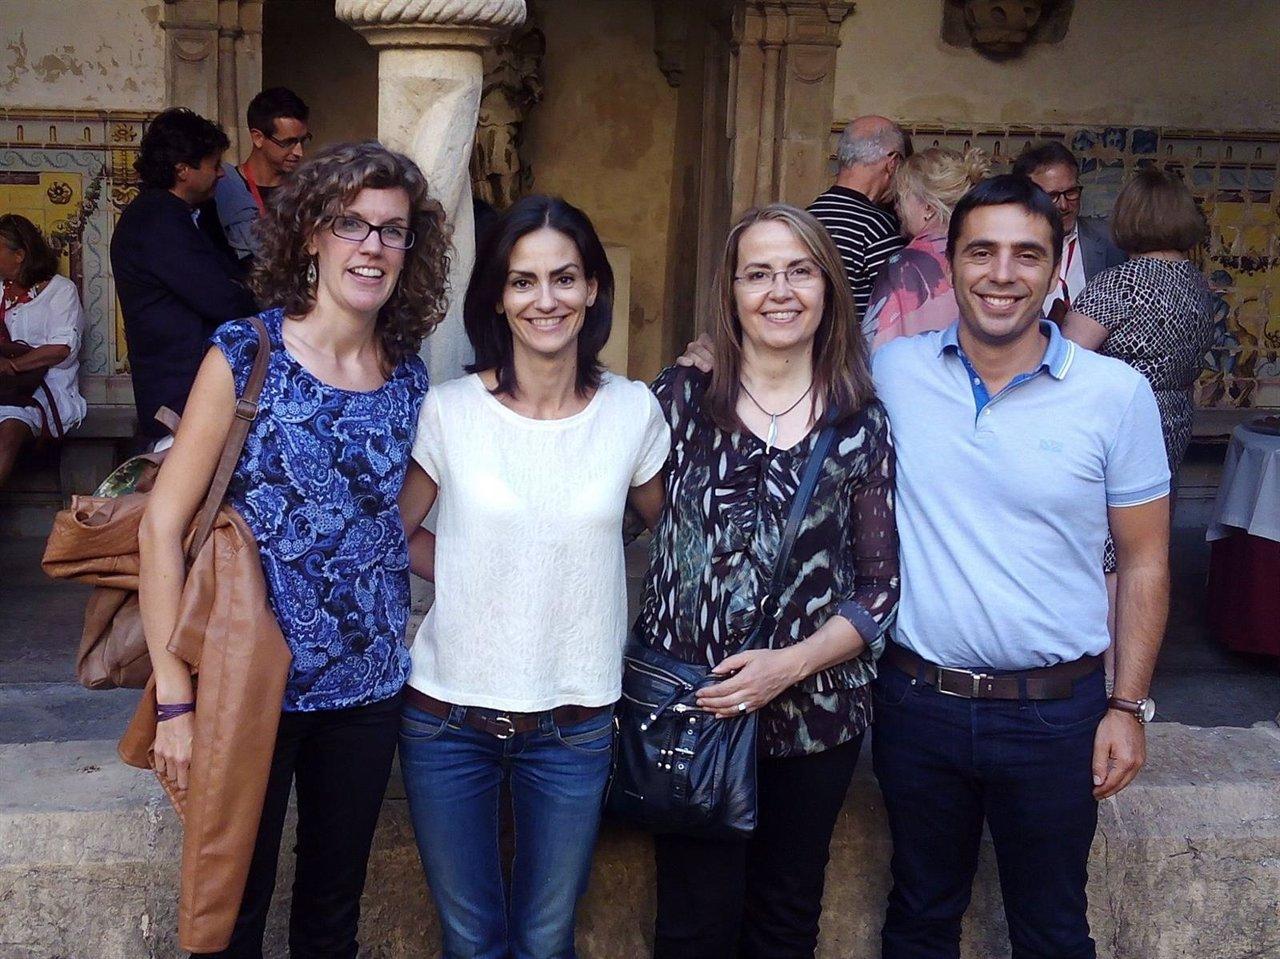 Elizari, Jorqui, Arcos y Magdaleno, en Coímbra (Portugal)